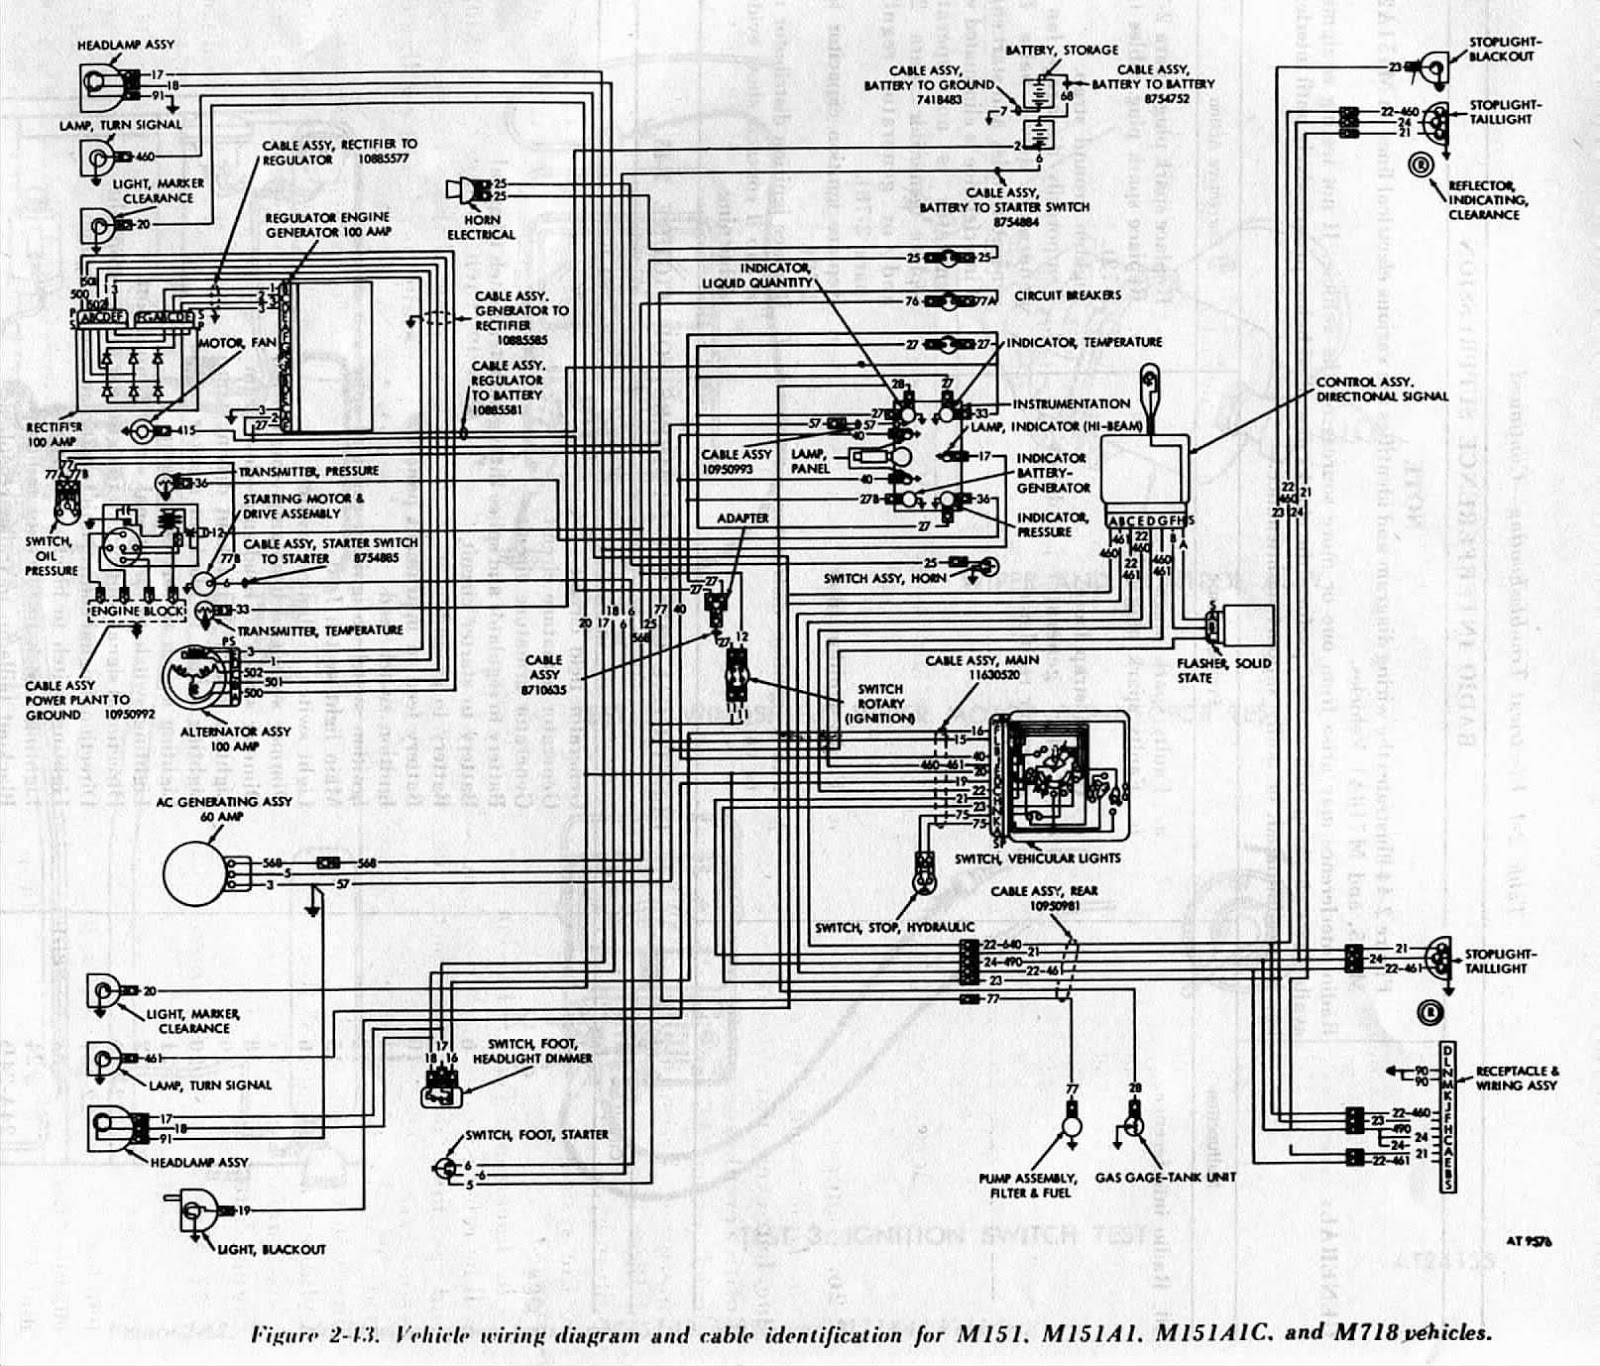 ford bantam wiring diagram free wiring diagram schematics ford bantam ignition wiring diagram ford bantam wiring diagram [ 1600 x 1366 Pixel ]